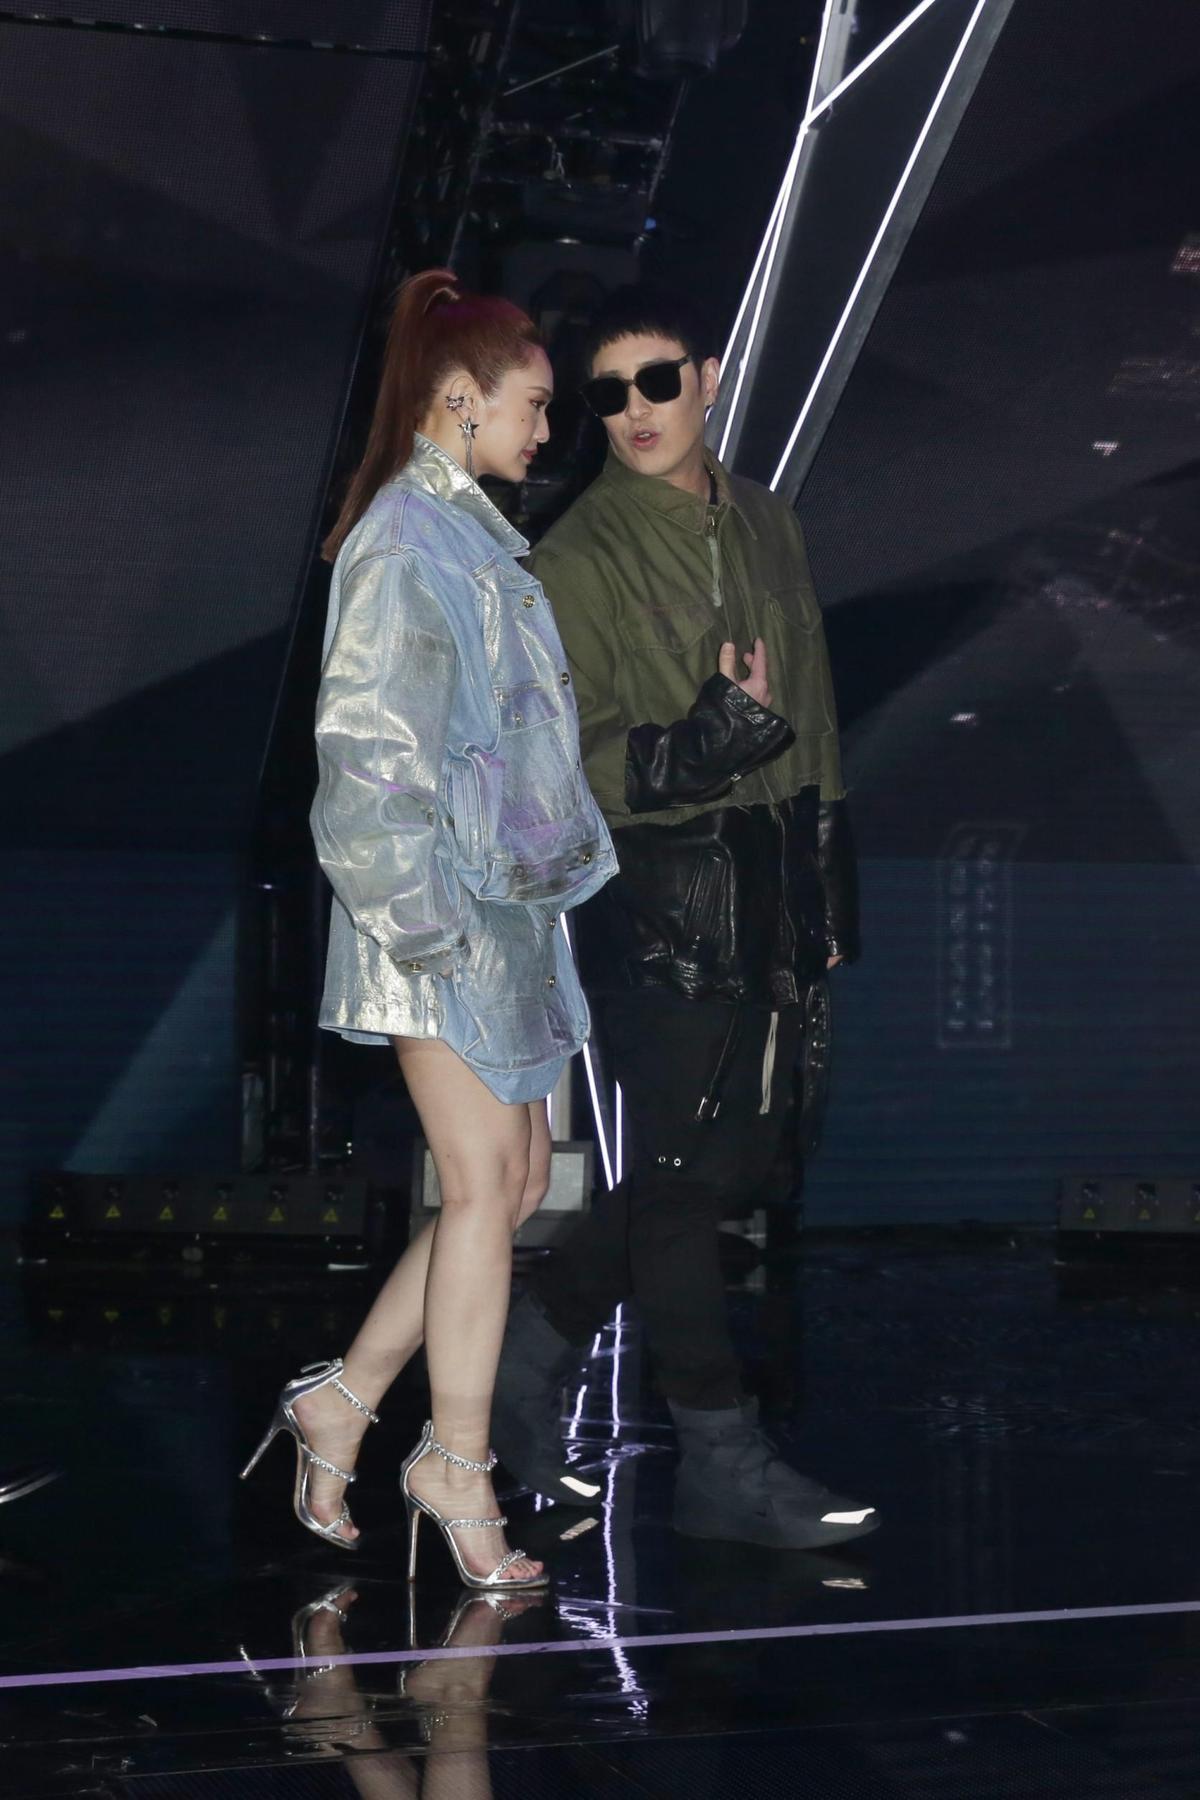 導師楊丞琳和潘瑋柏自曝這個節目是兩人的減肥史,竟分別瘦了6公斤和8公斤。